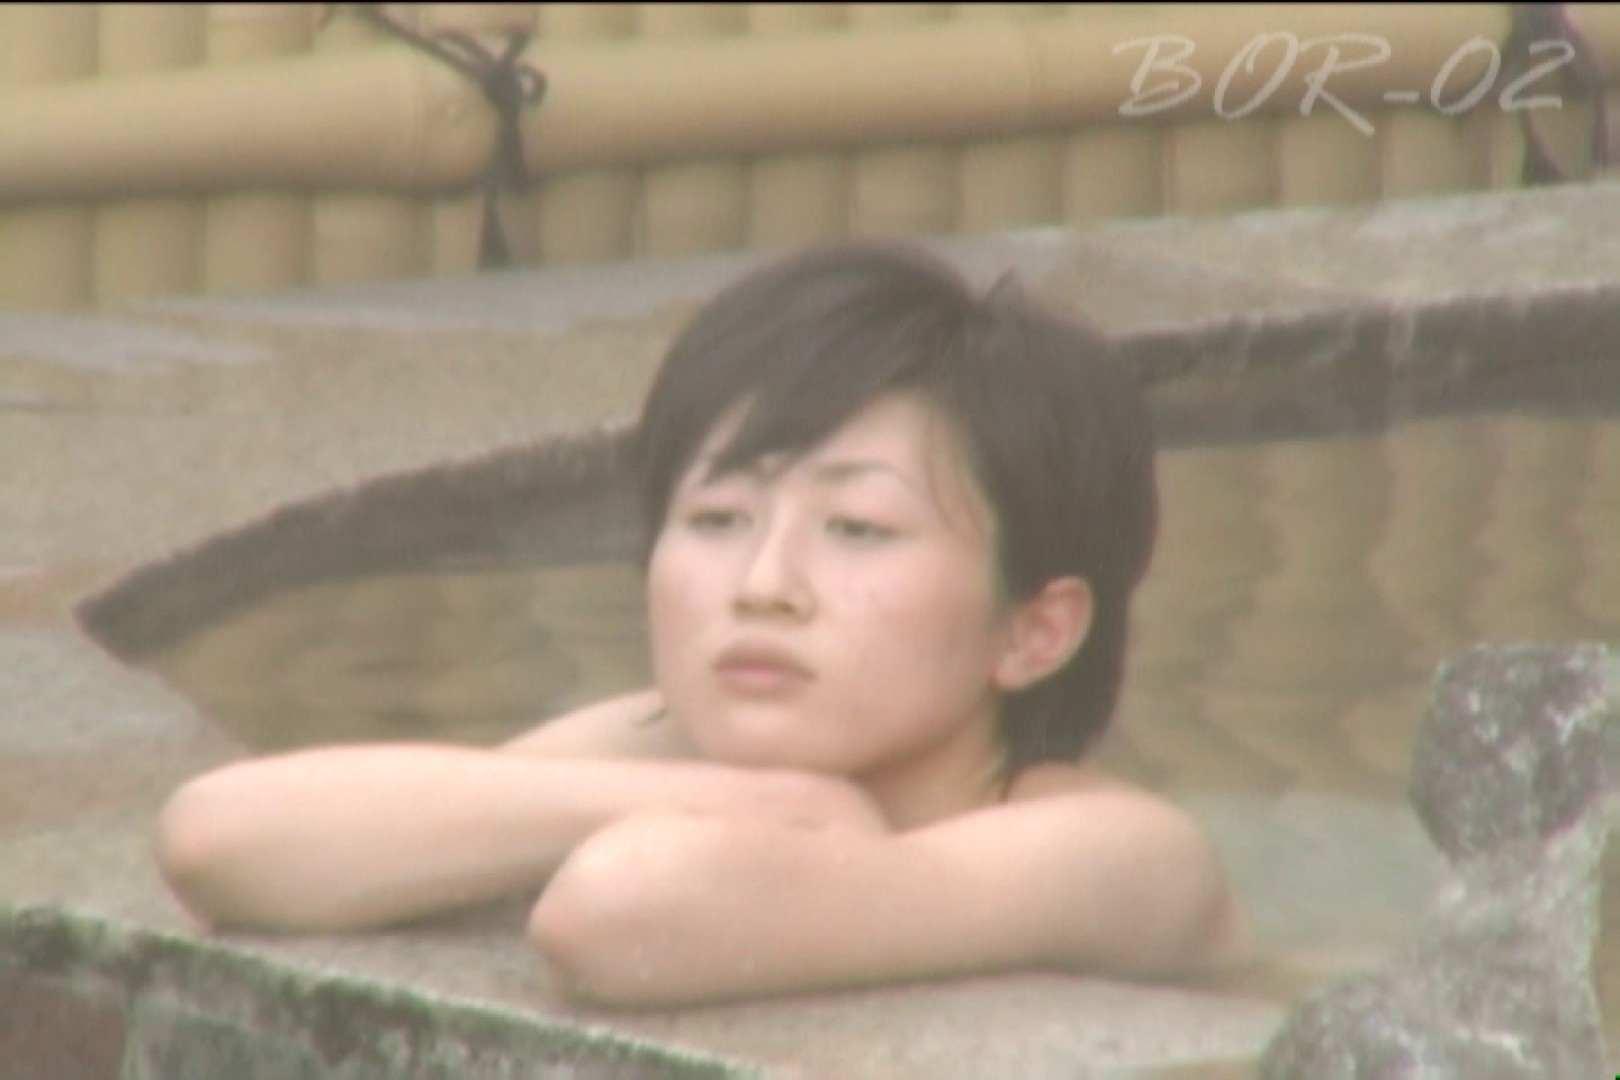 Aquaな露天風呂Vol.480 露天風呂  11枚 6